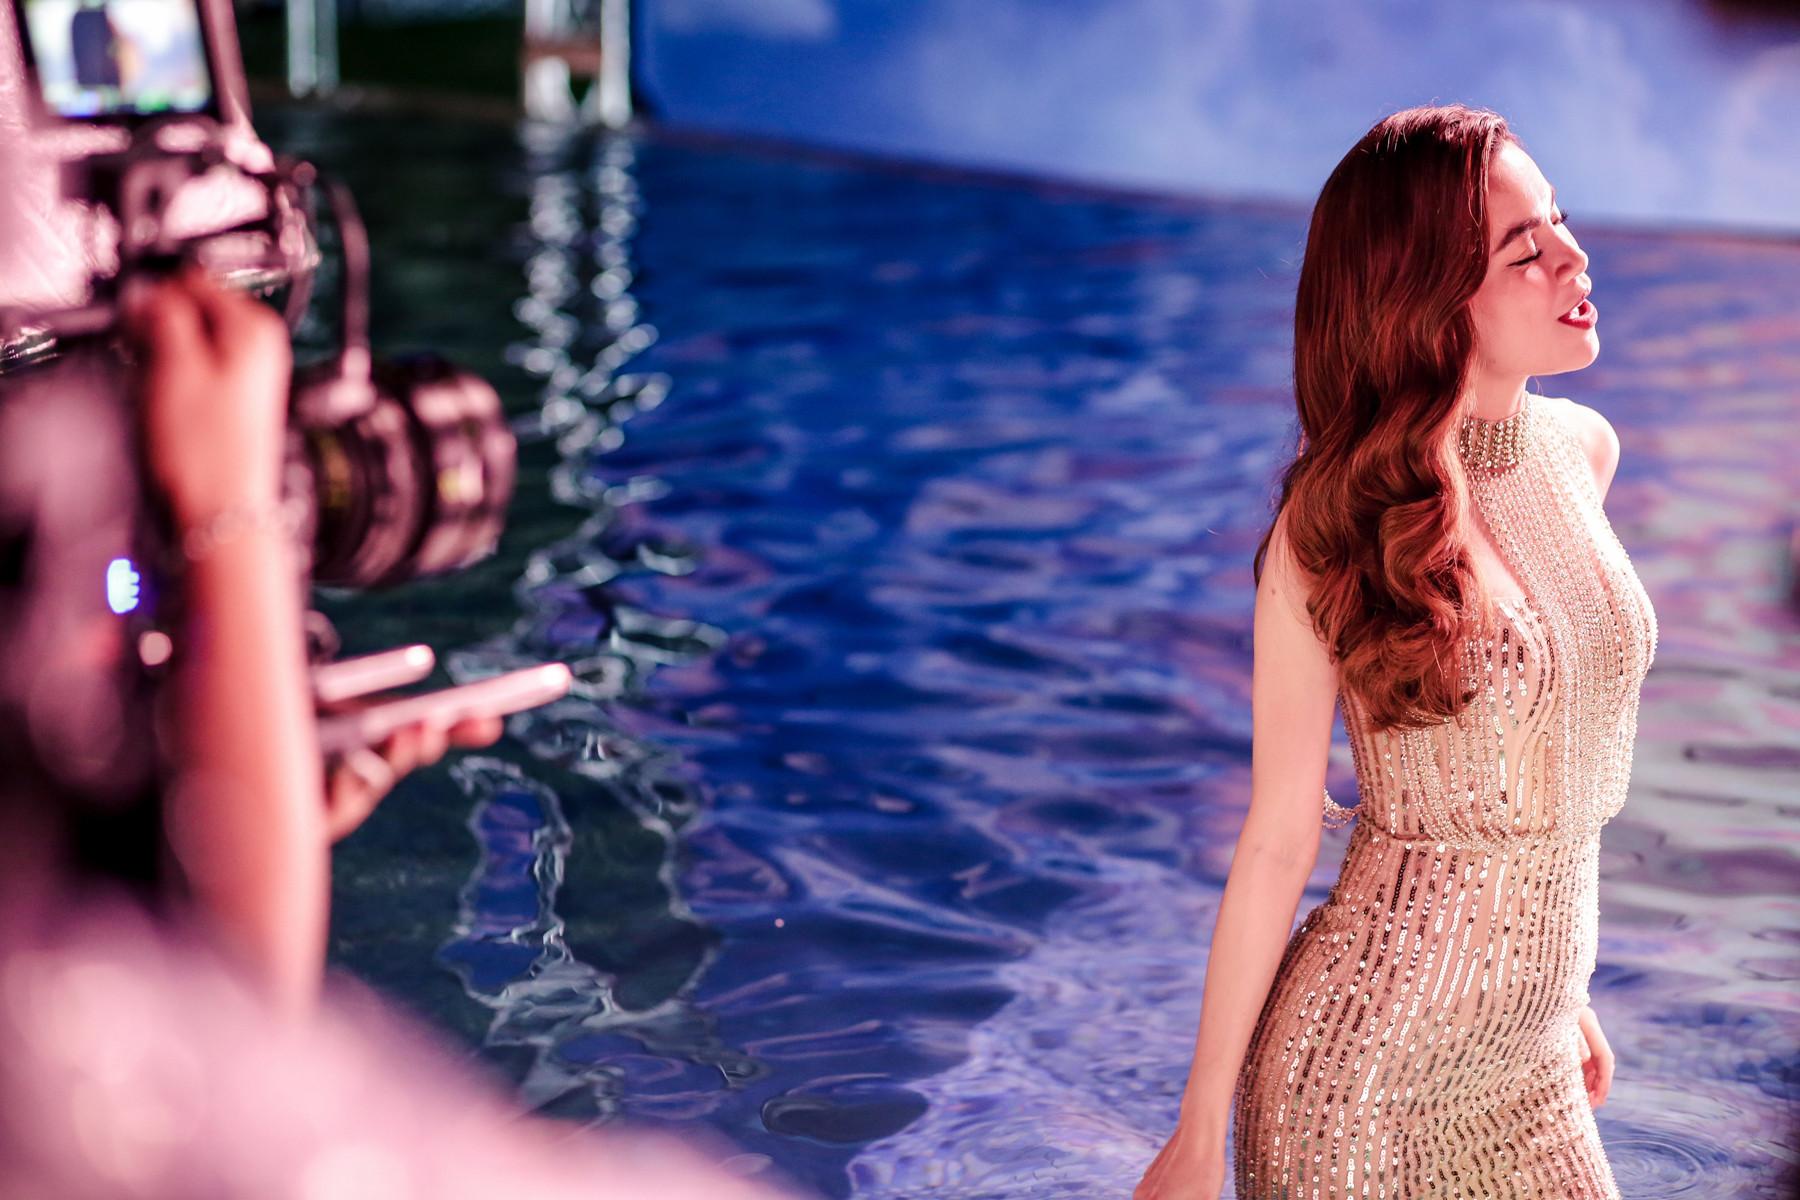 Hồ Ngọc Hà hợp tác cùng đạo diễn người Úc đầu tư thực hiện MV mở đầu cho hàng loạt sản phẩm năm 2019